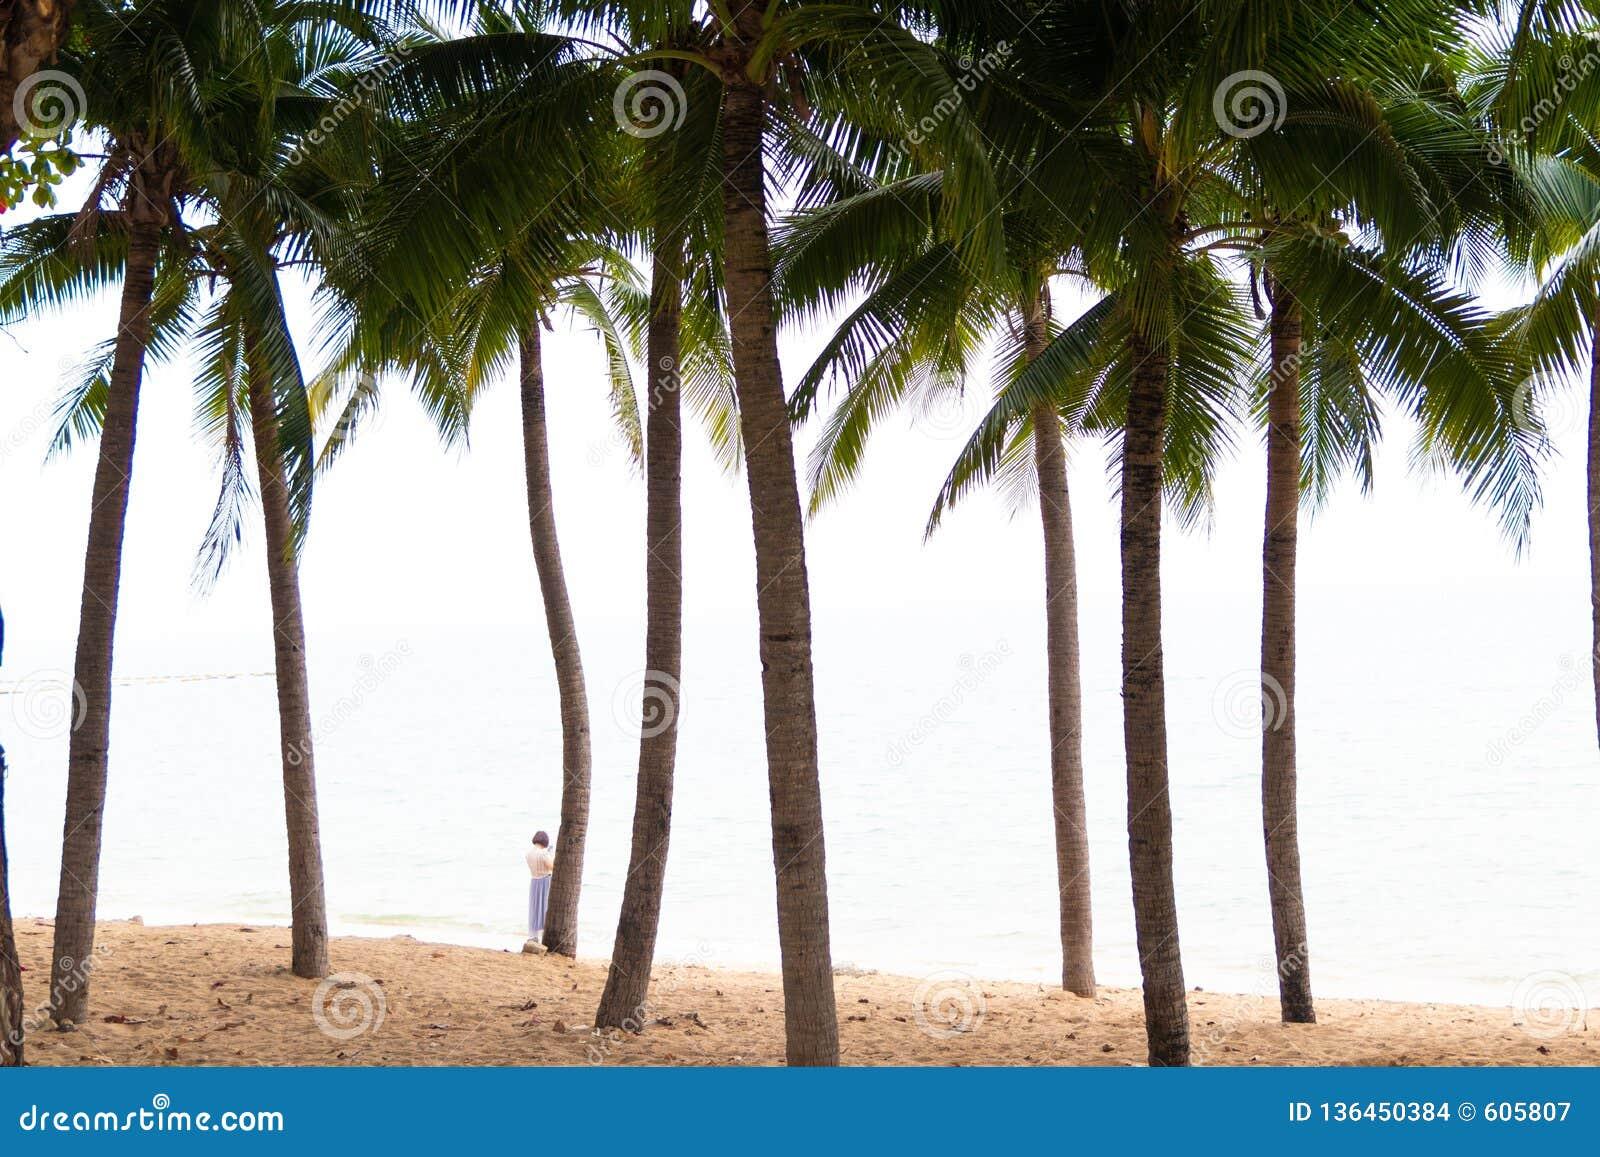 Ладони кокоса и старый красный прогулочный катер на белом песчаном пляже Рыбацкие лодки на пляже с пальмами